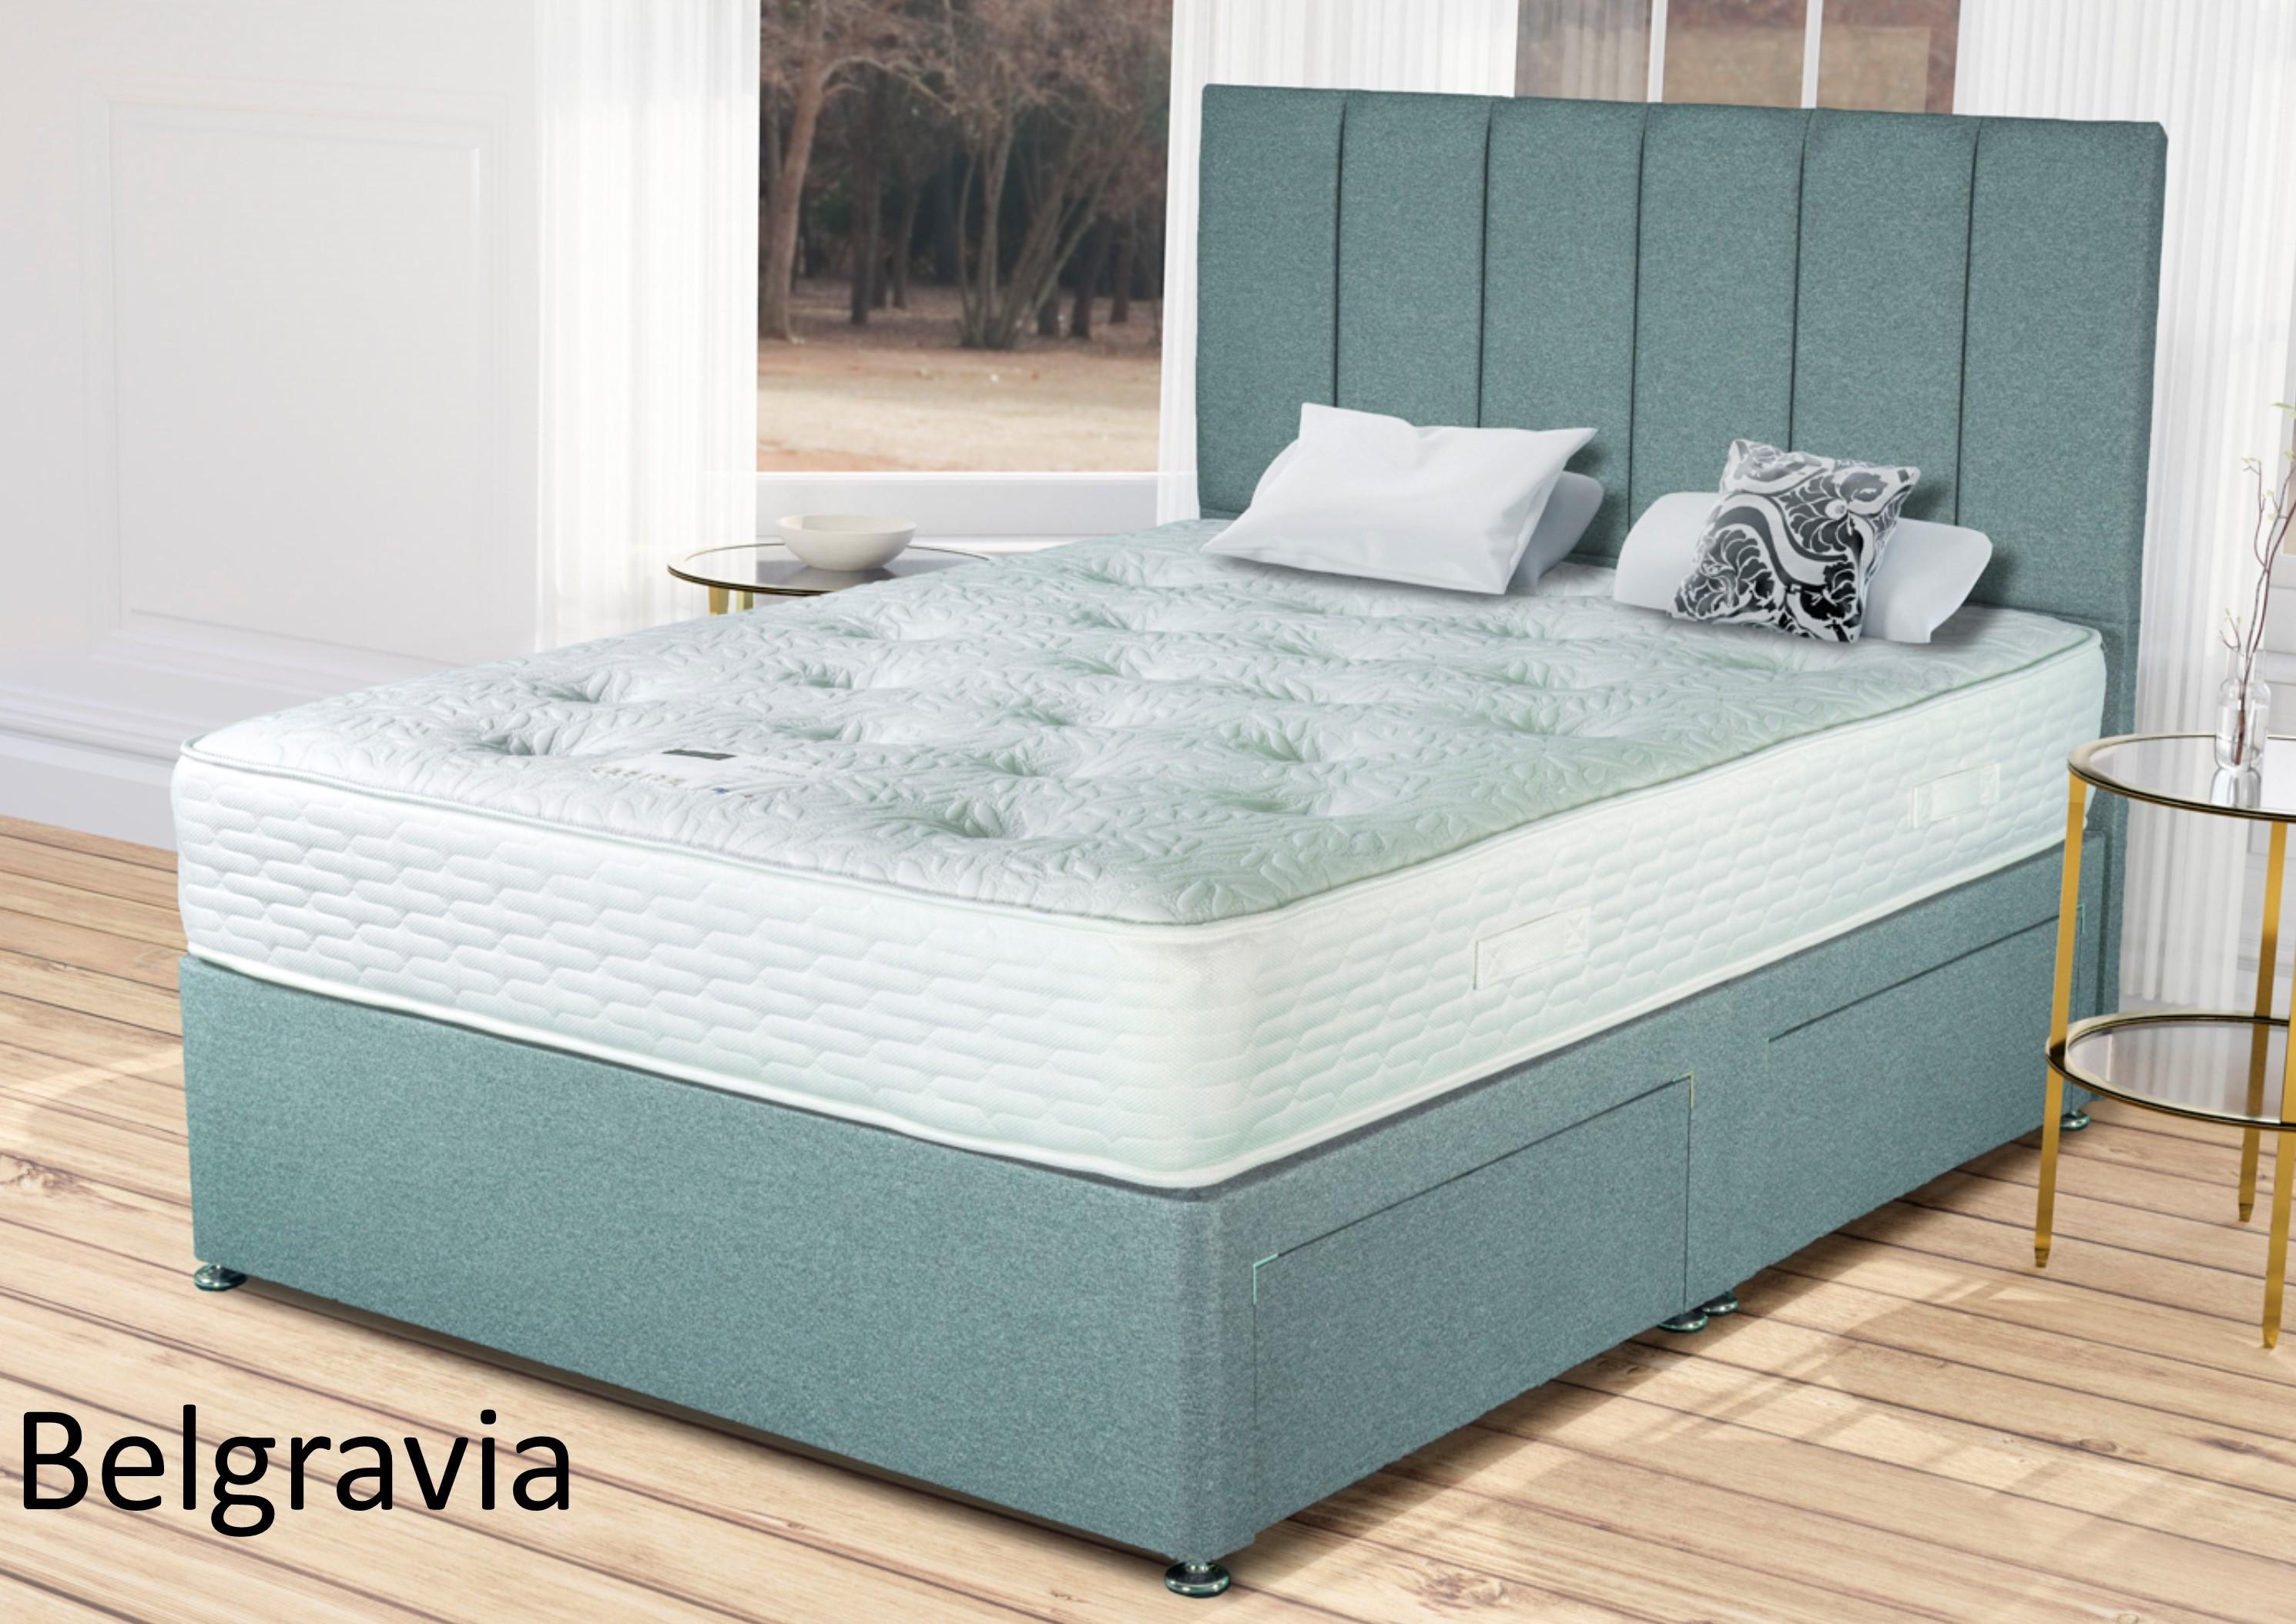 reputable site c6288 7d852 4'6 Belgravia Winter/ Summer Double Divan Bed